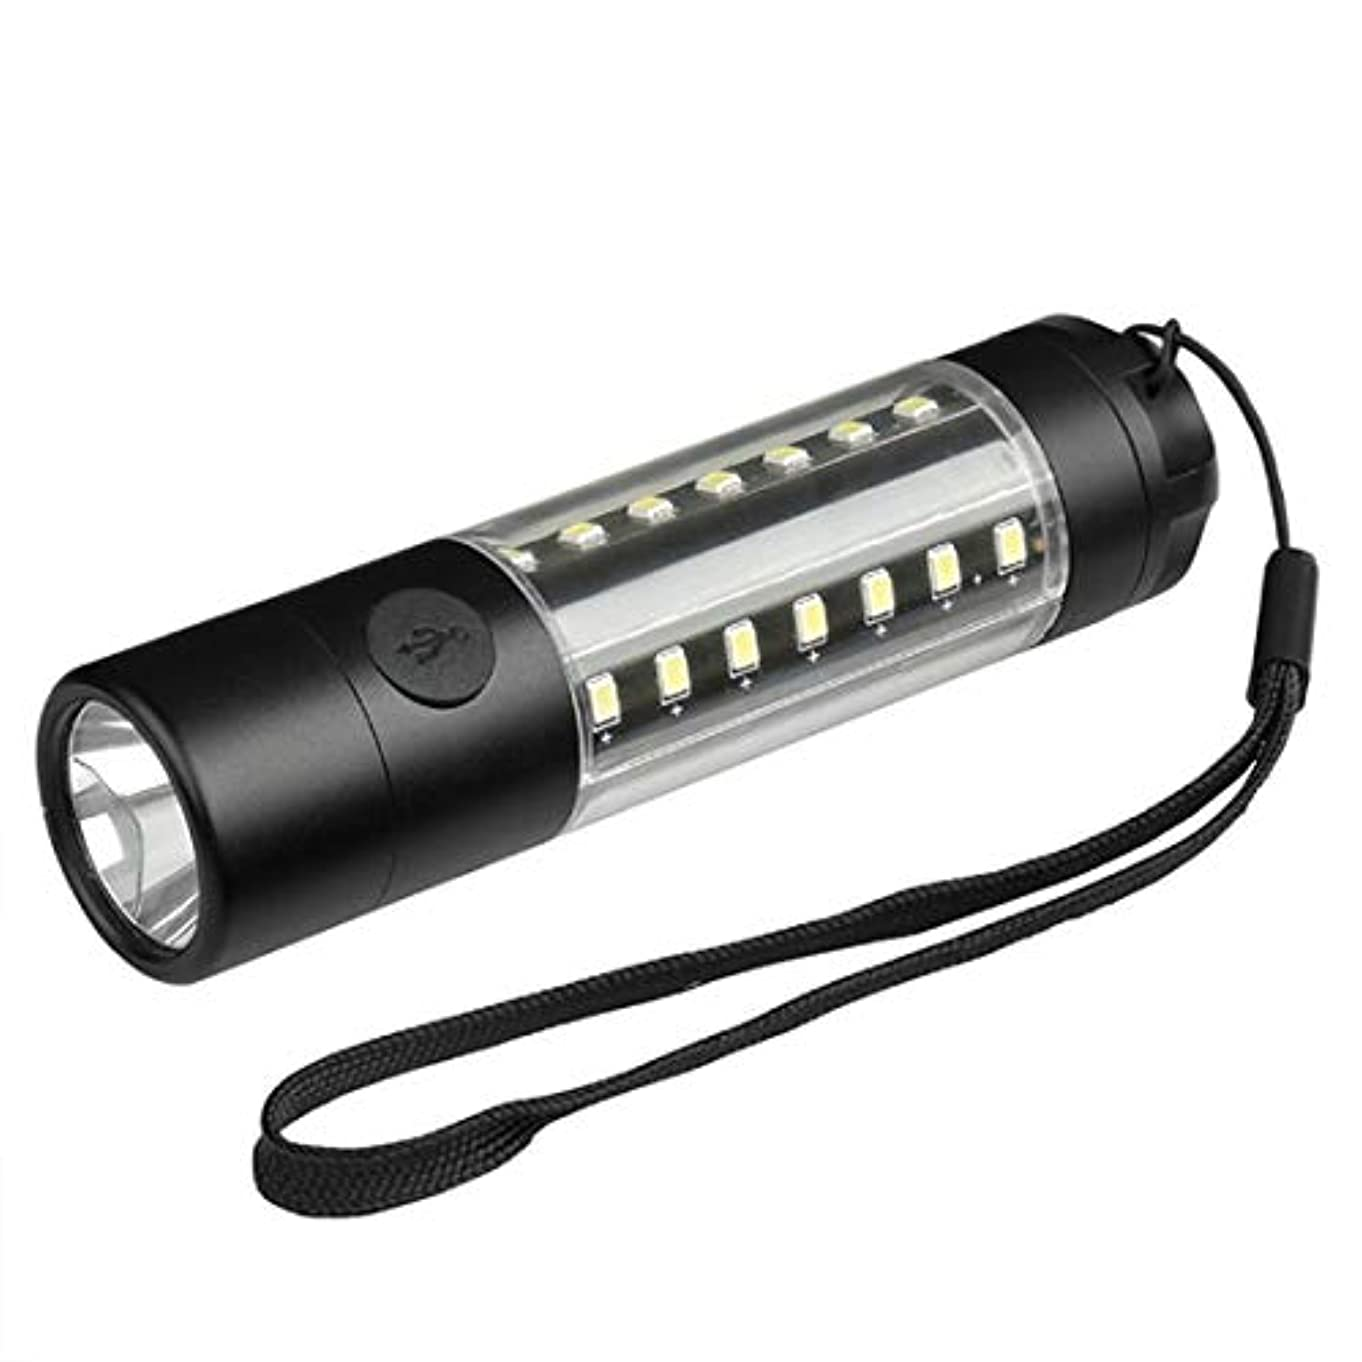 憂慮すべき狼好色なノウ建材貿易 USBミニ懐中電灯アルミ合金懐中電灯LEDグレア充電式懐中電灯